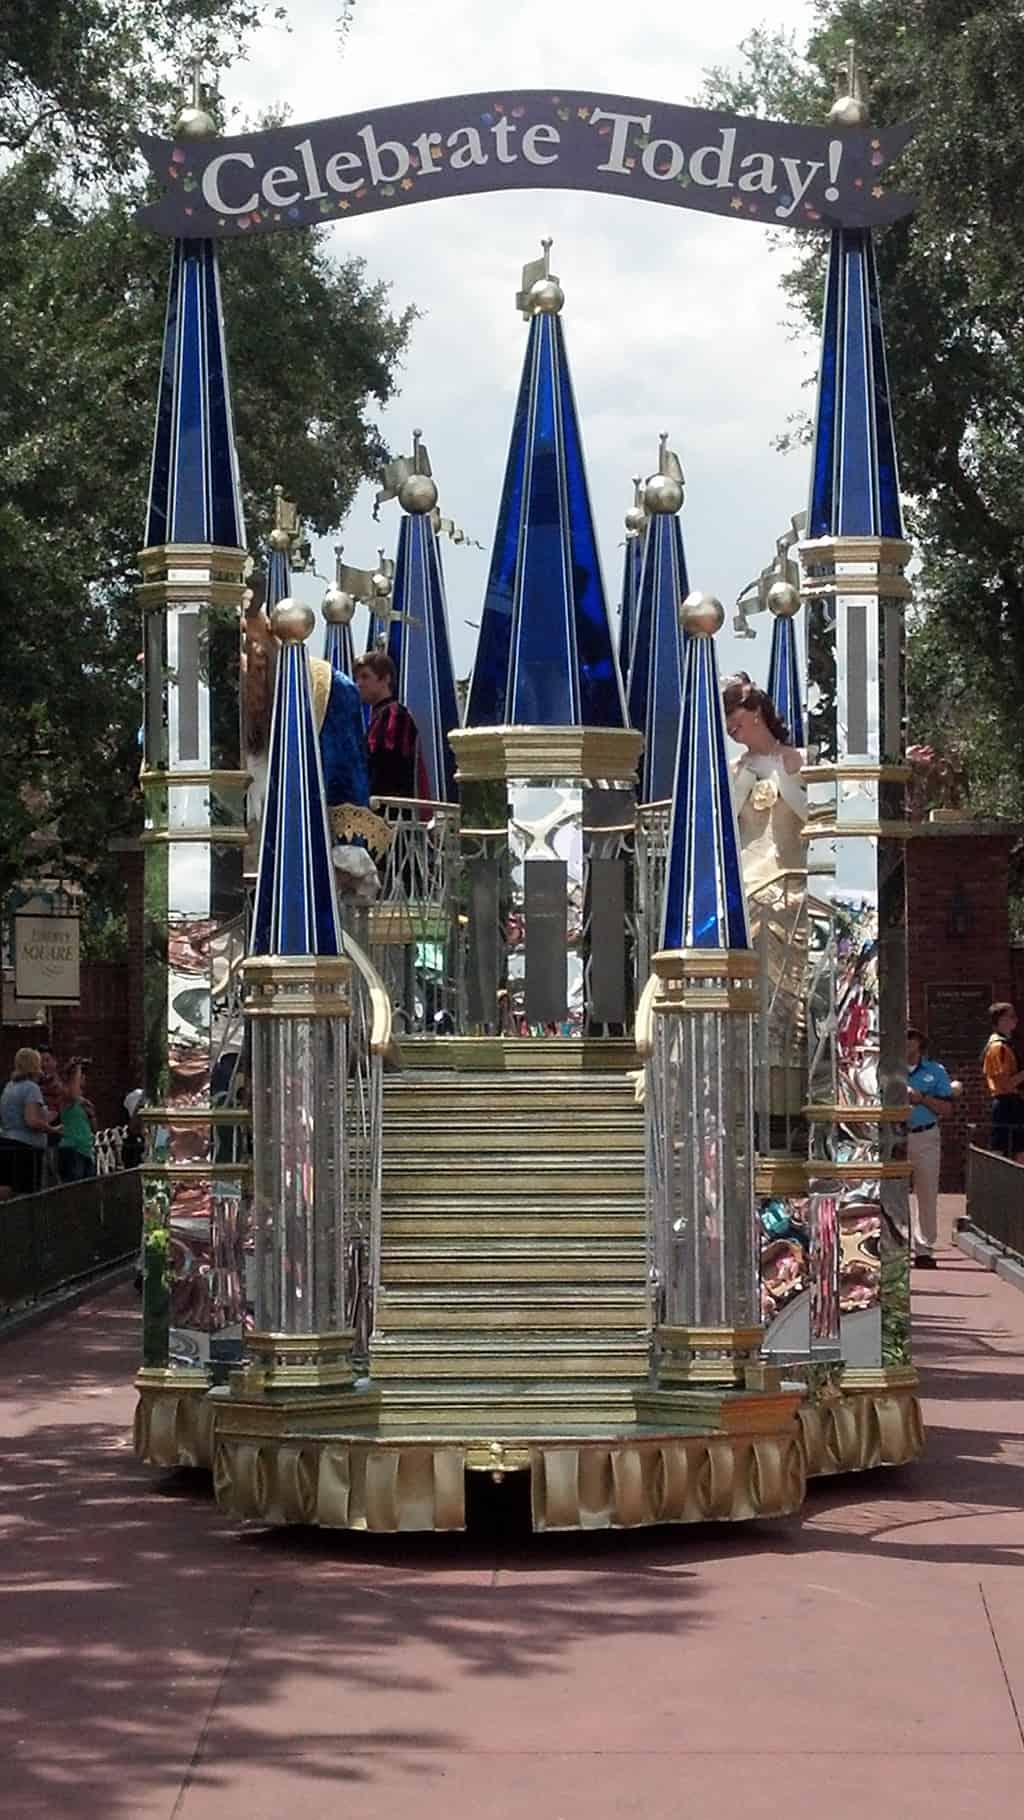 Walt Disney World, Magic Kingdom, Celebrate a Dream Come True Parade